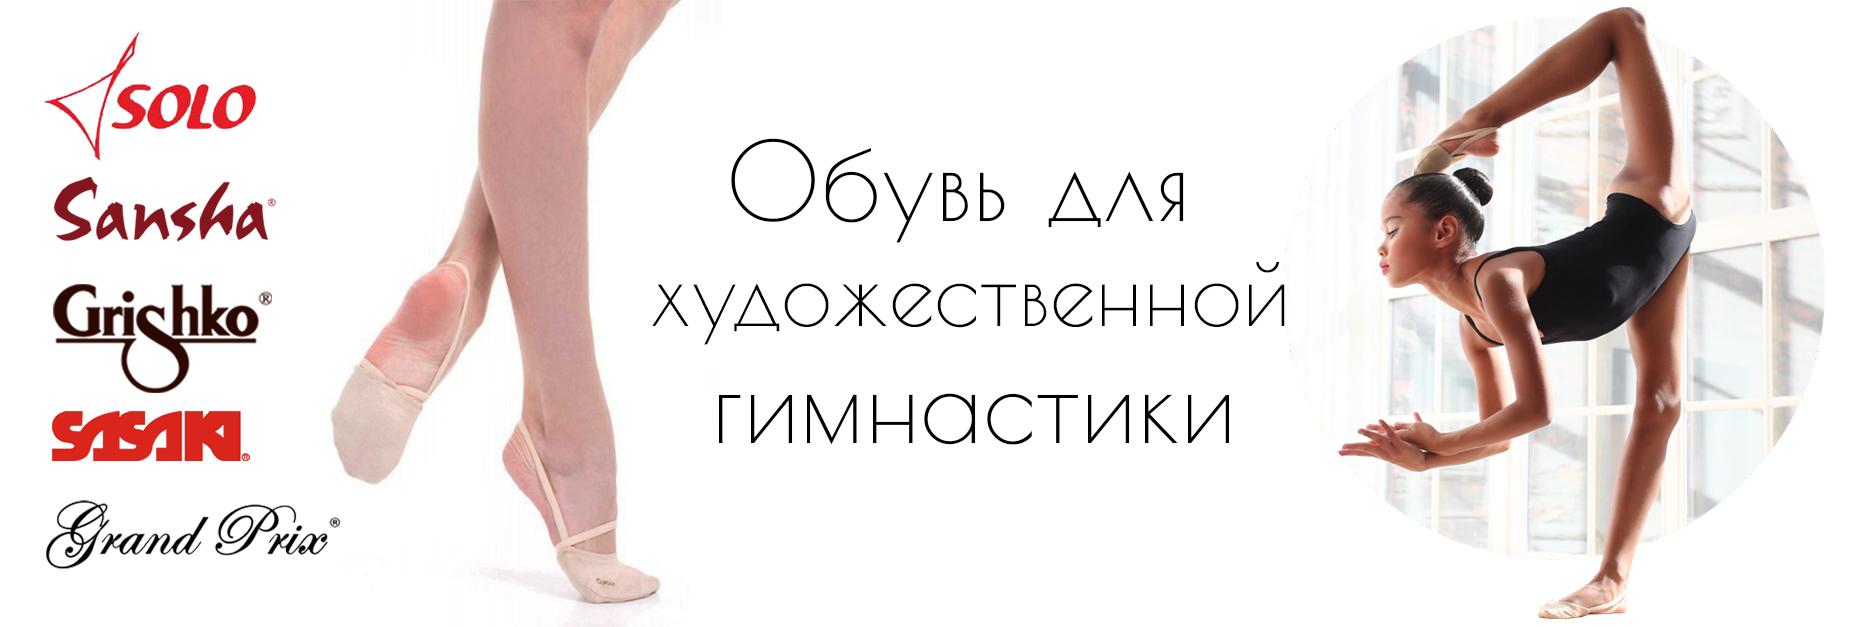 Полупальцы, получешки, обувь для художественной гимнастики